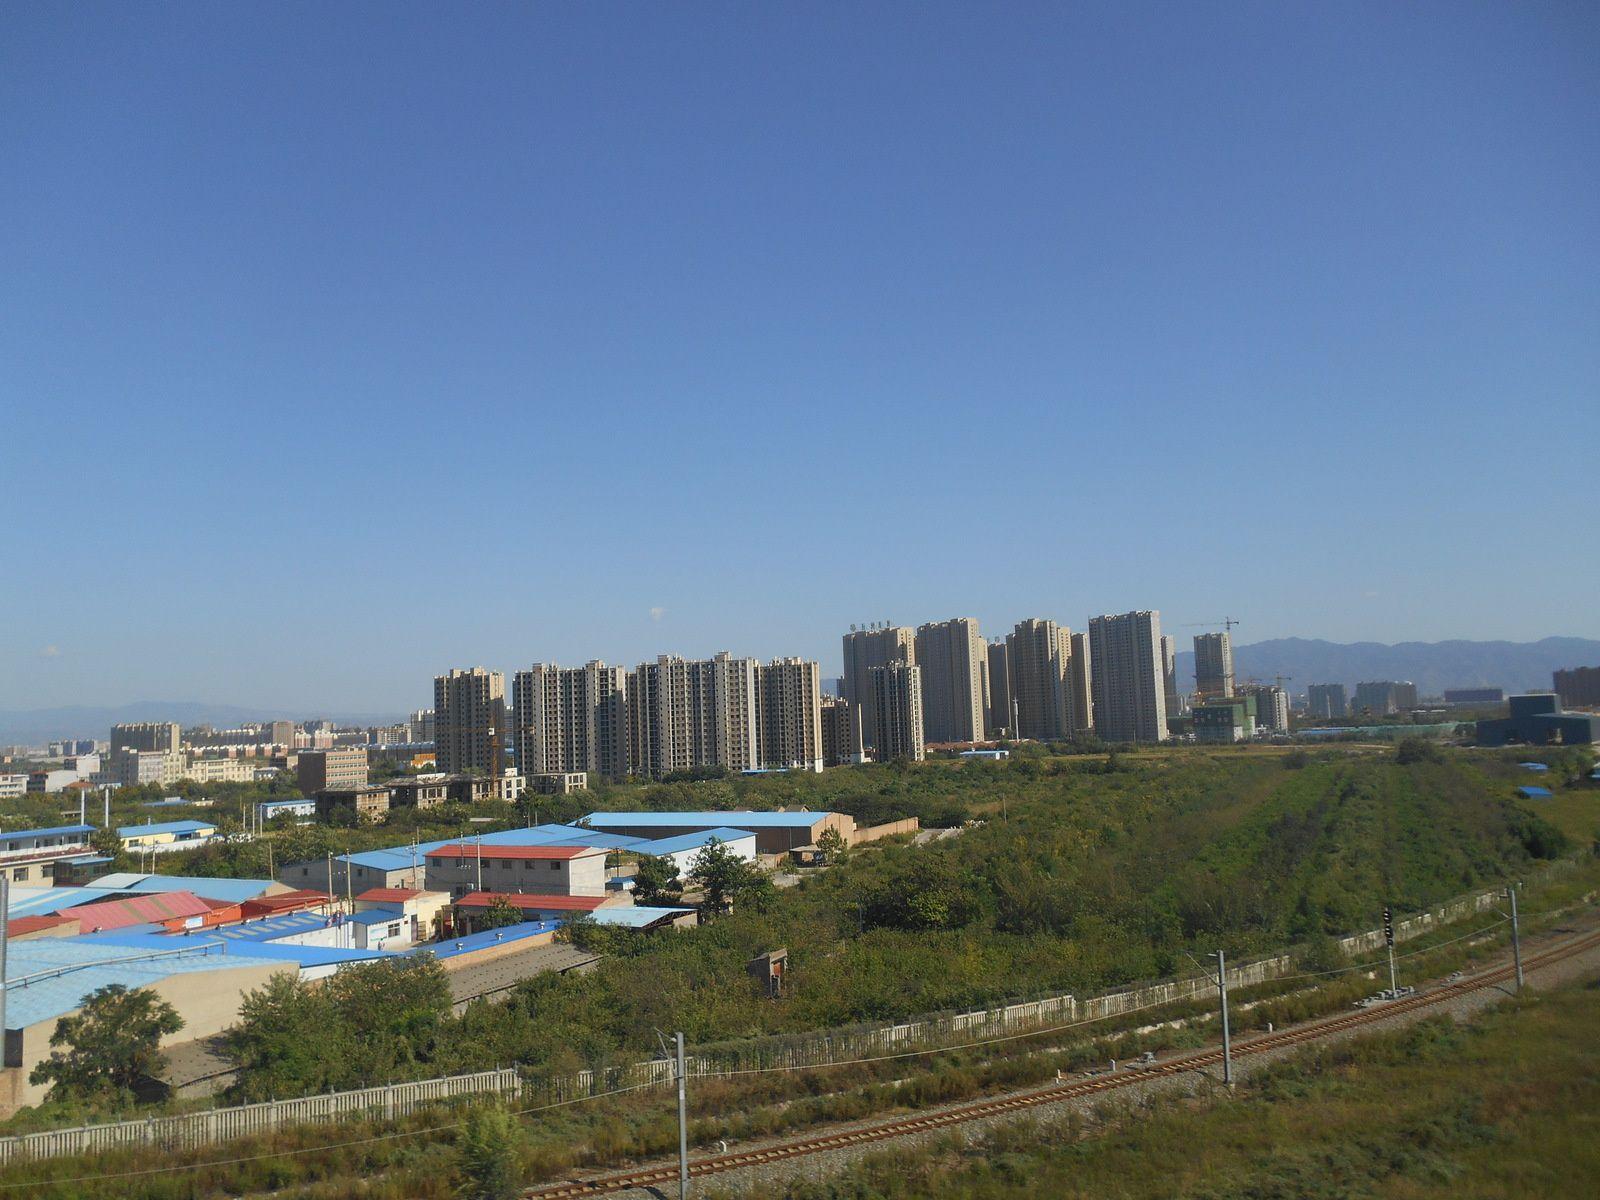 Chine: jour 5 (2ème partie)- De Pingyao à Xi'an